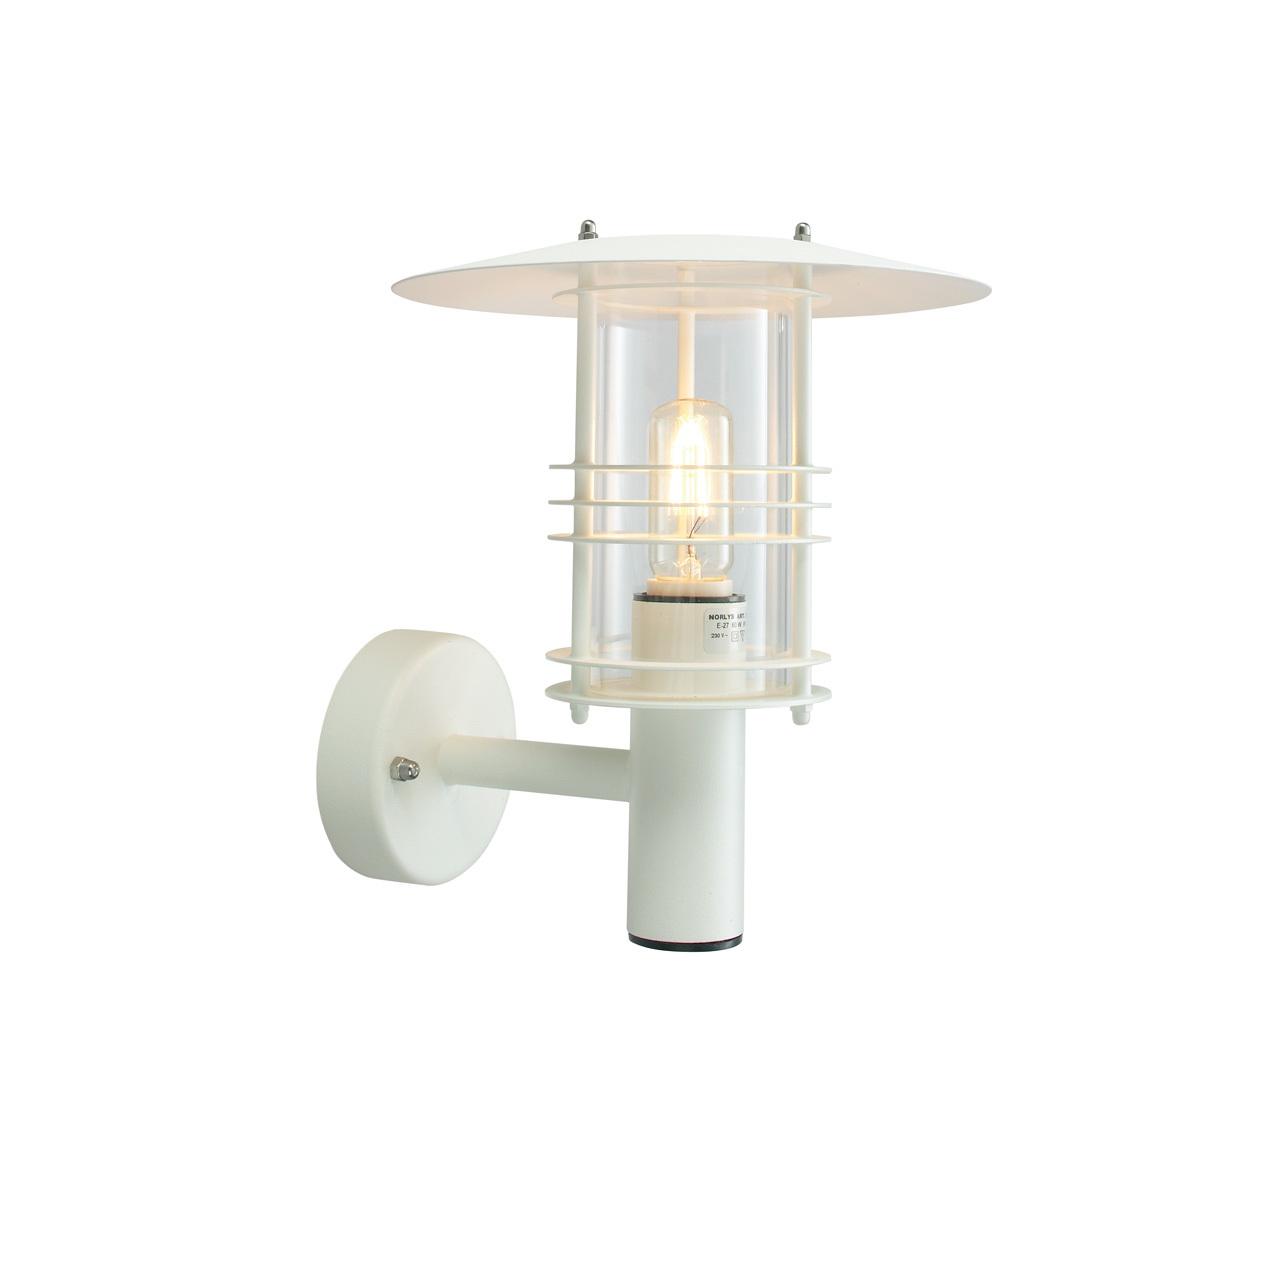 Lampa ścienna STOCKHOLM 280W -Norlys  SPRAWDŹ RABATY  5-10-15-20 % w koszyku